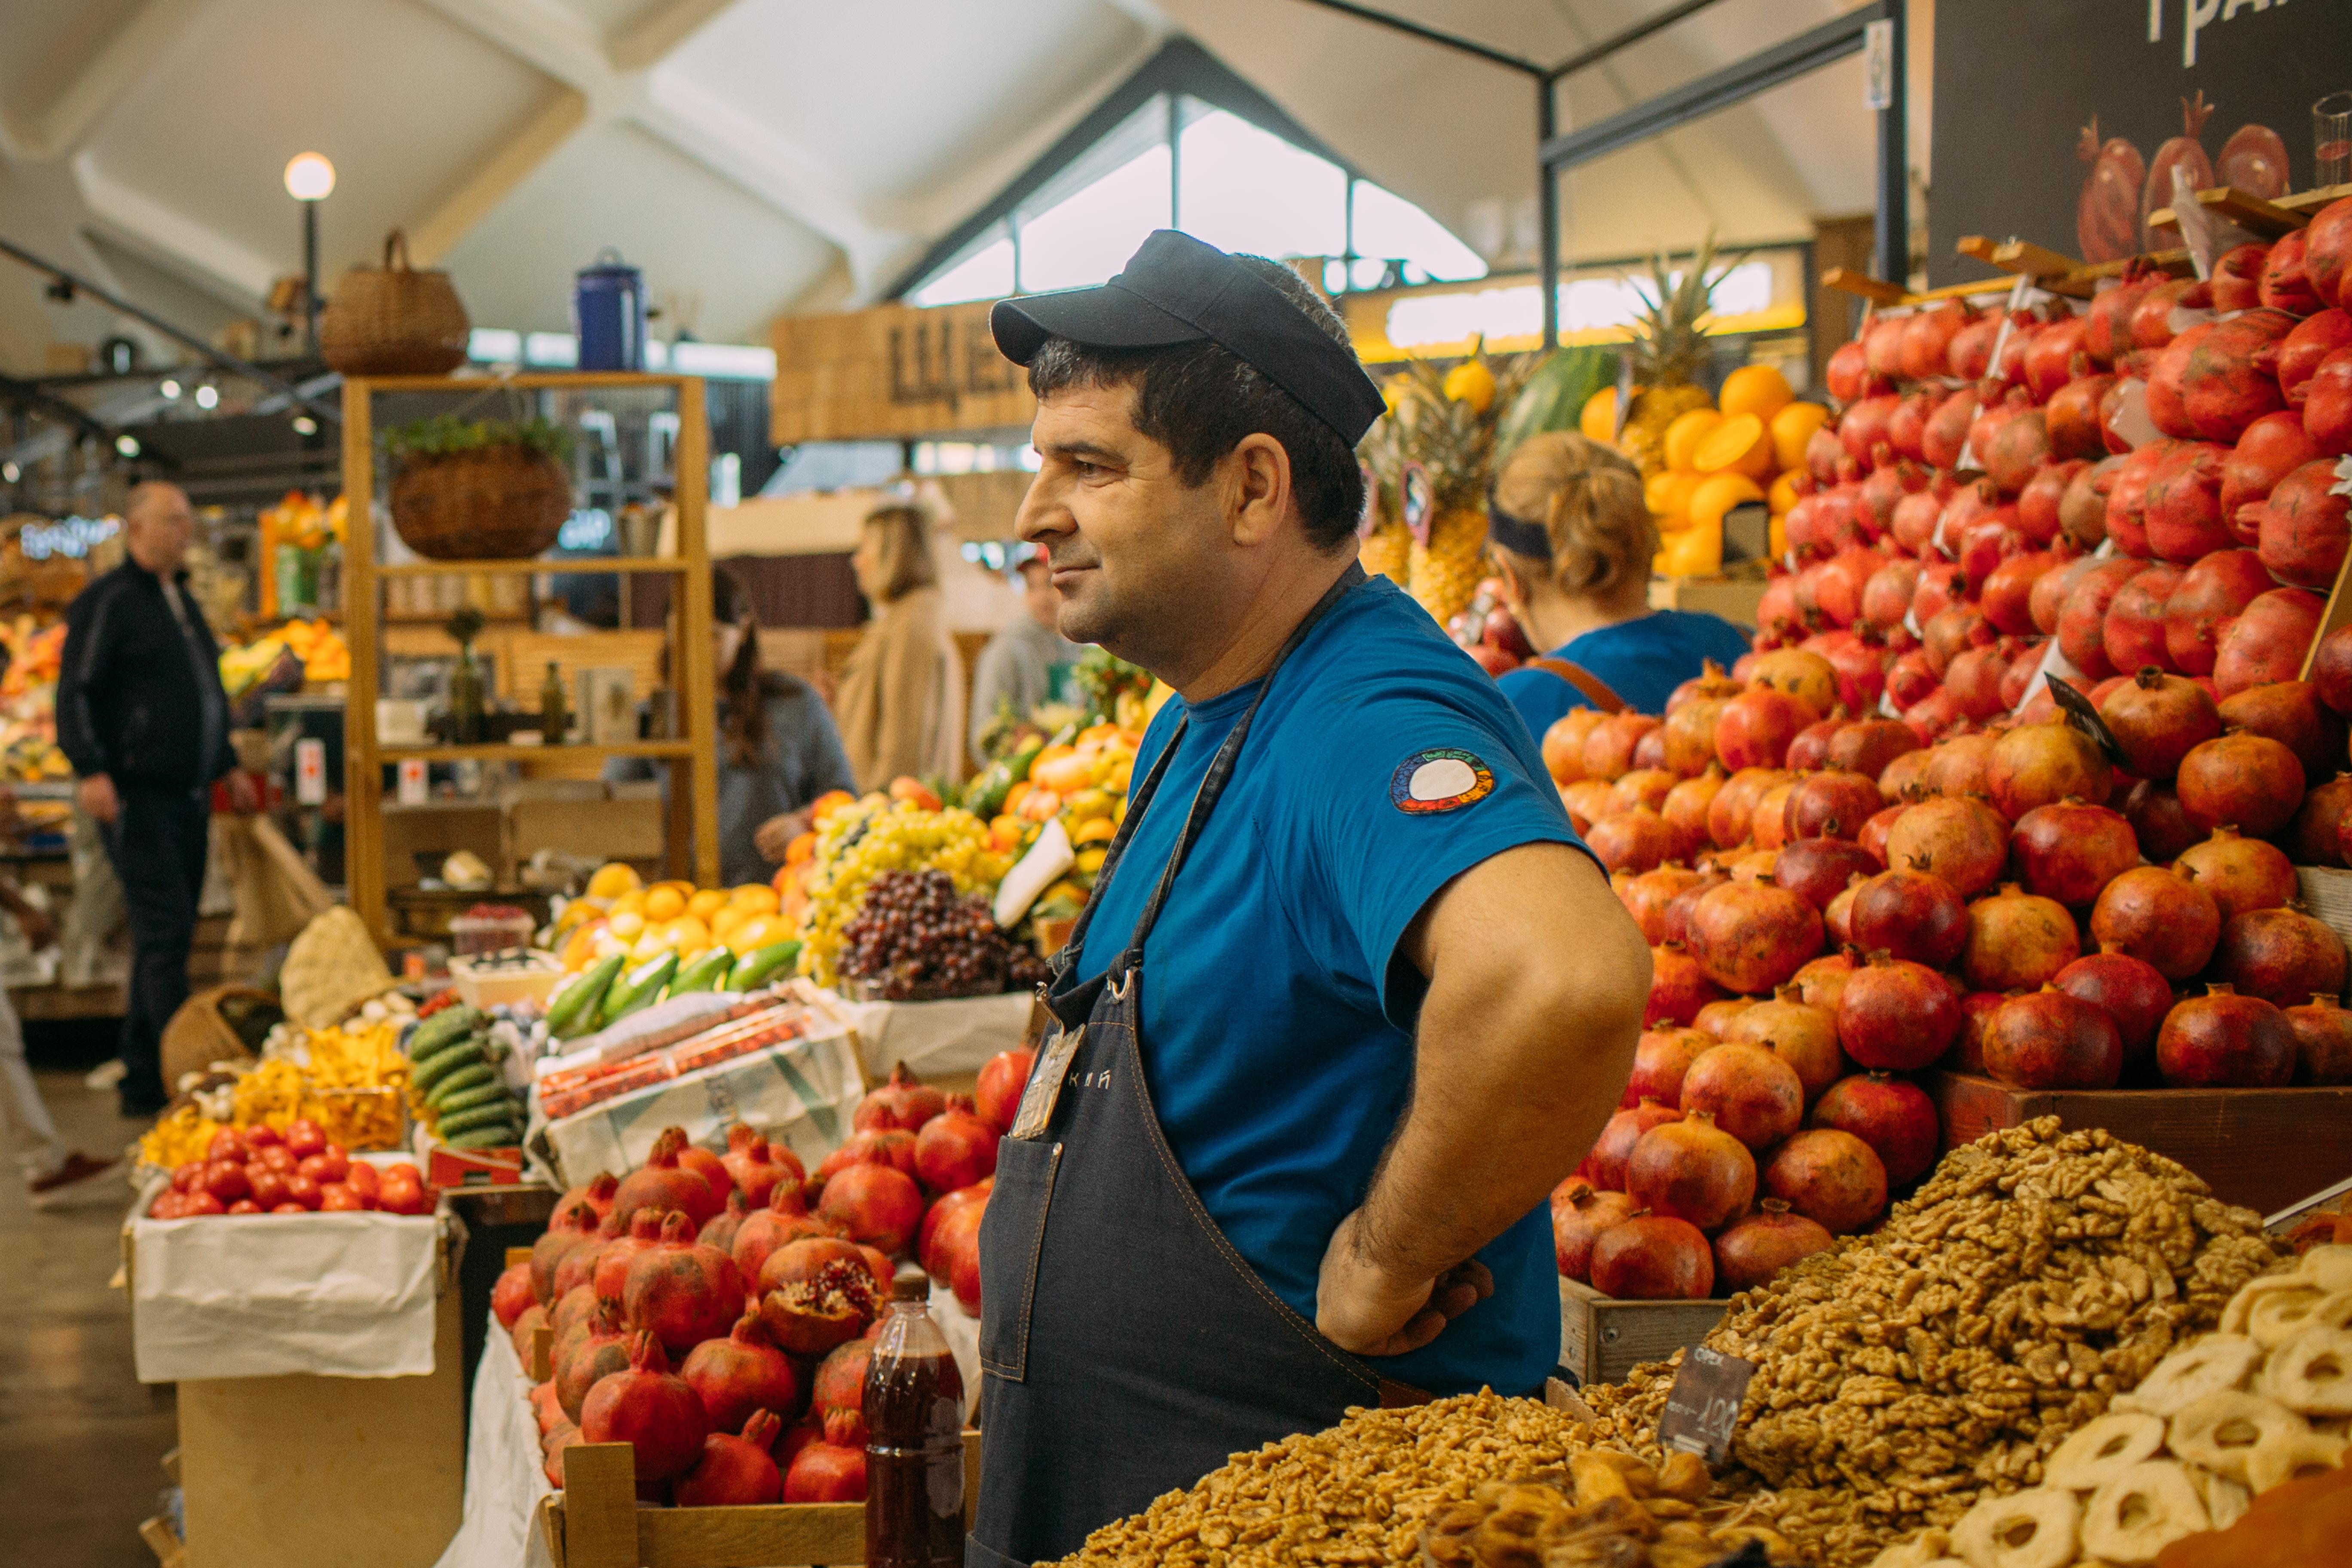 Danilovskiy market place